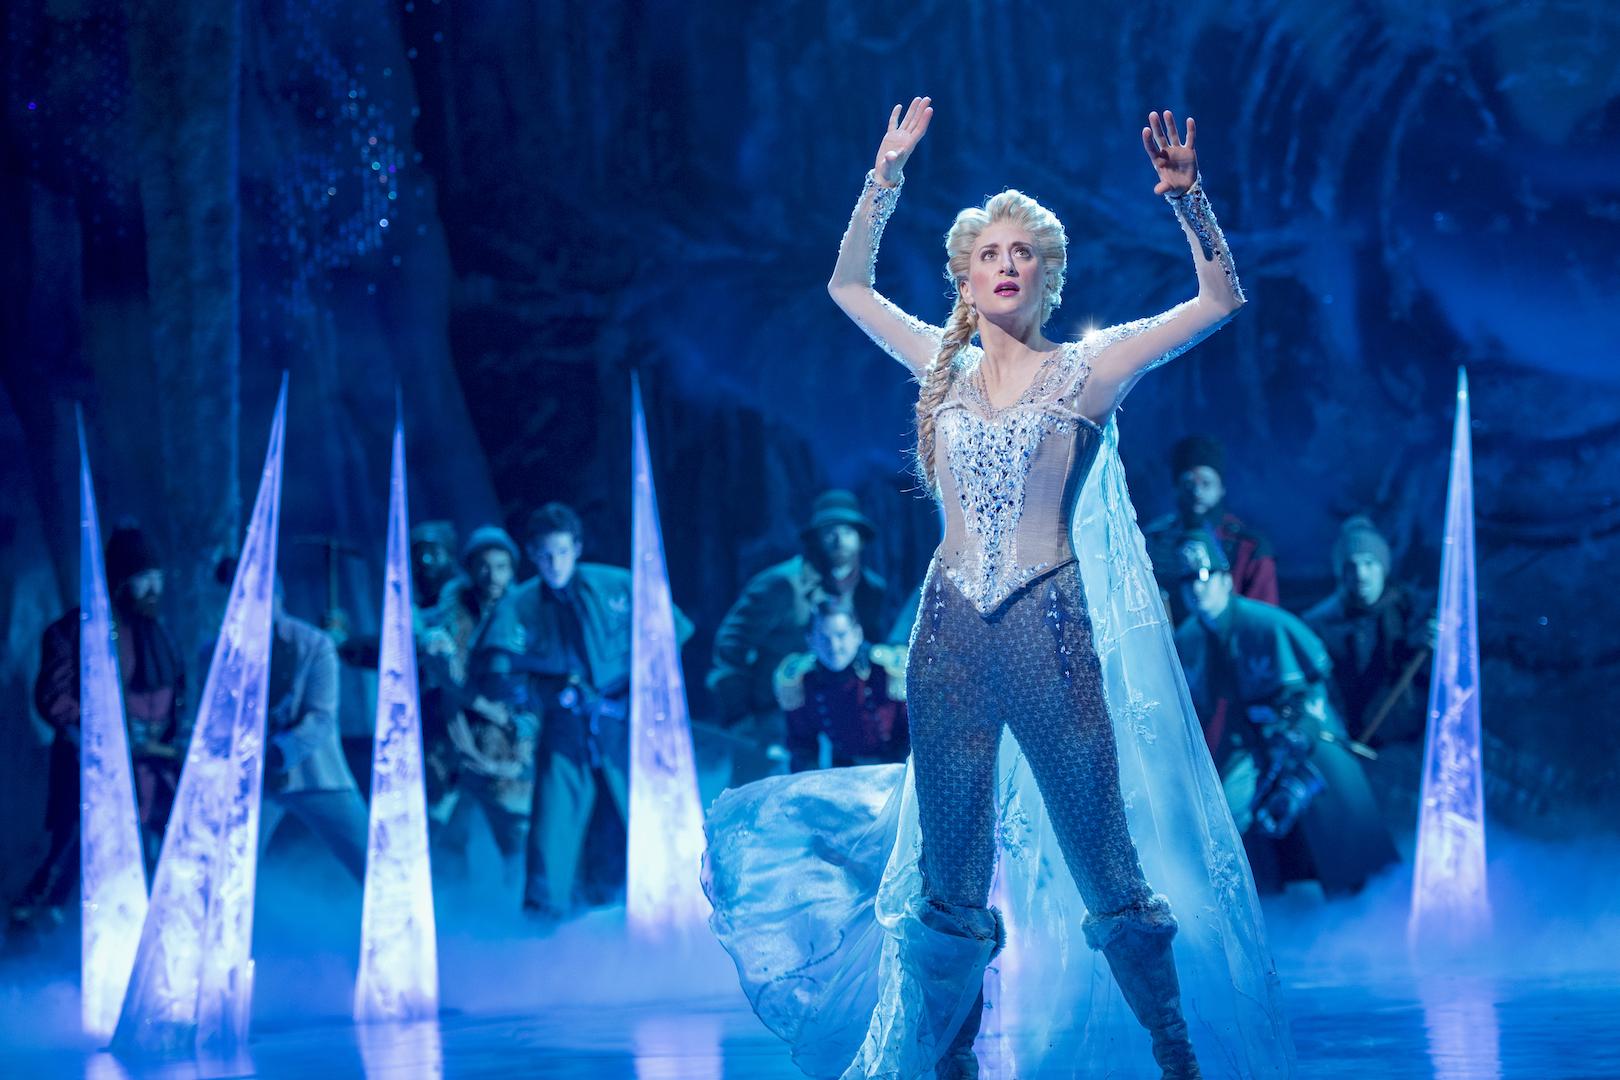 Caissie Levy as Elsa in FROZEN on Broadway  Photo by Deen van Meer